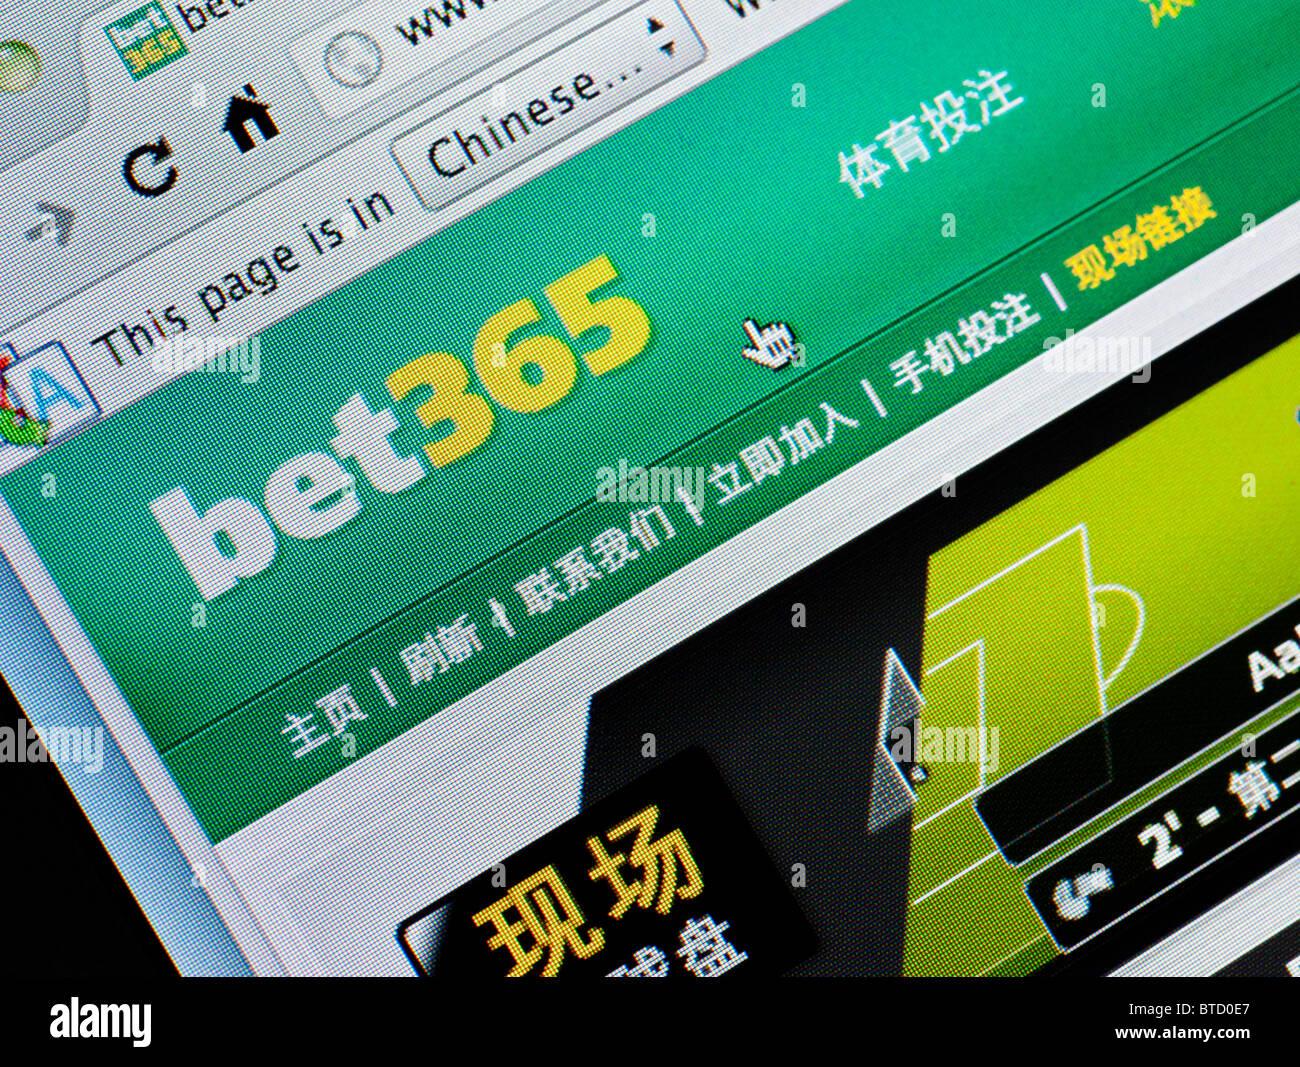 Bet365 Stock Photos & Bet365 Stock Images - Alamy